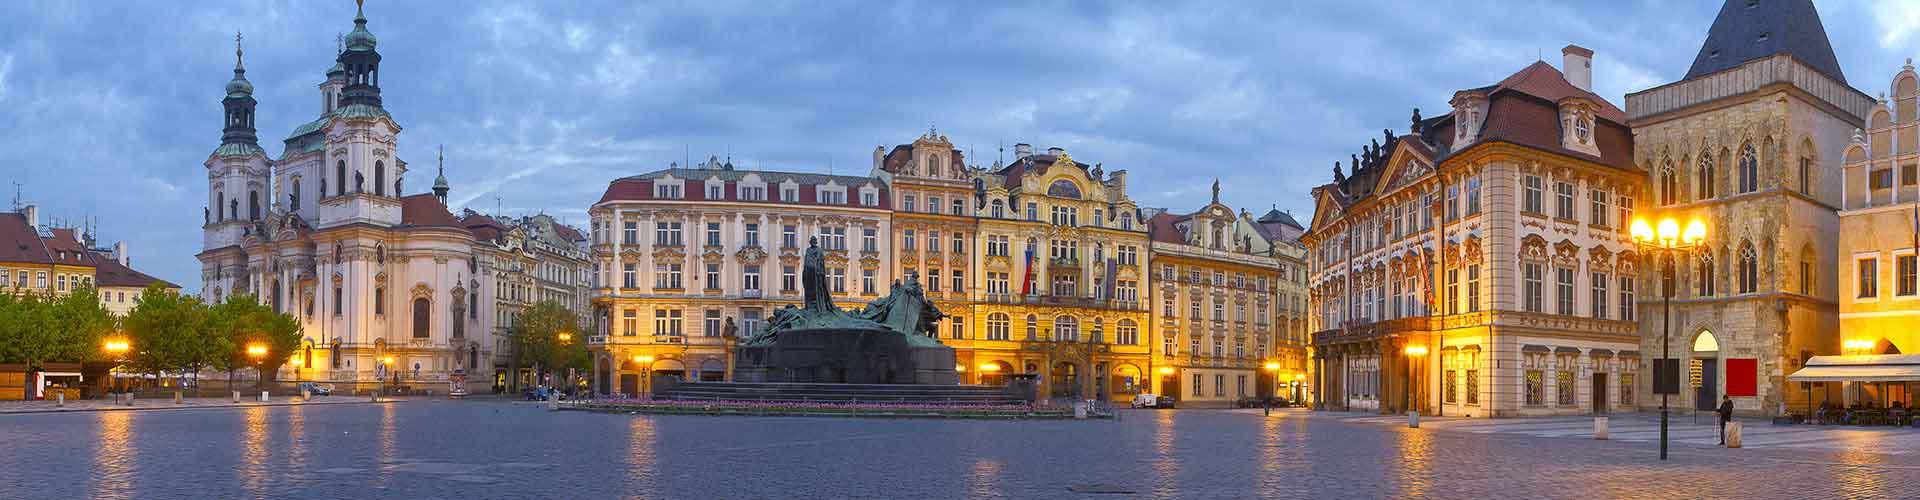 布拉格 – 市中心附近的宾馆。布拉格地图,布拉格每间宾馆的照片和评价。